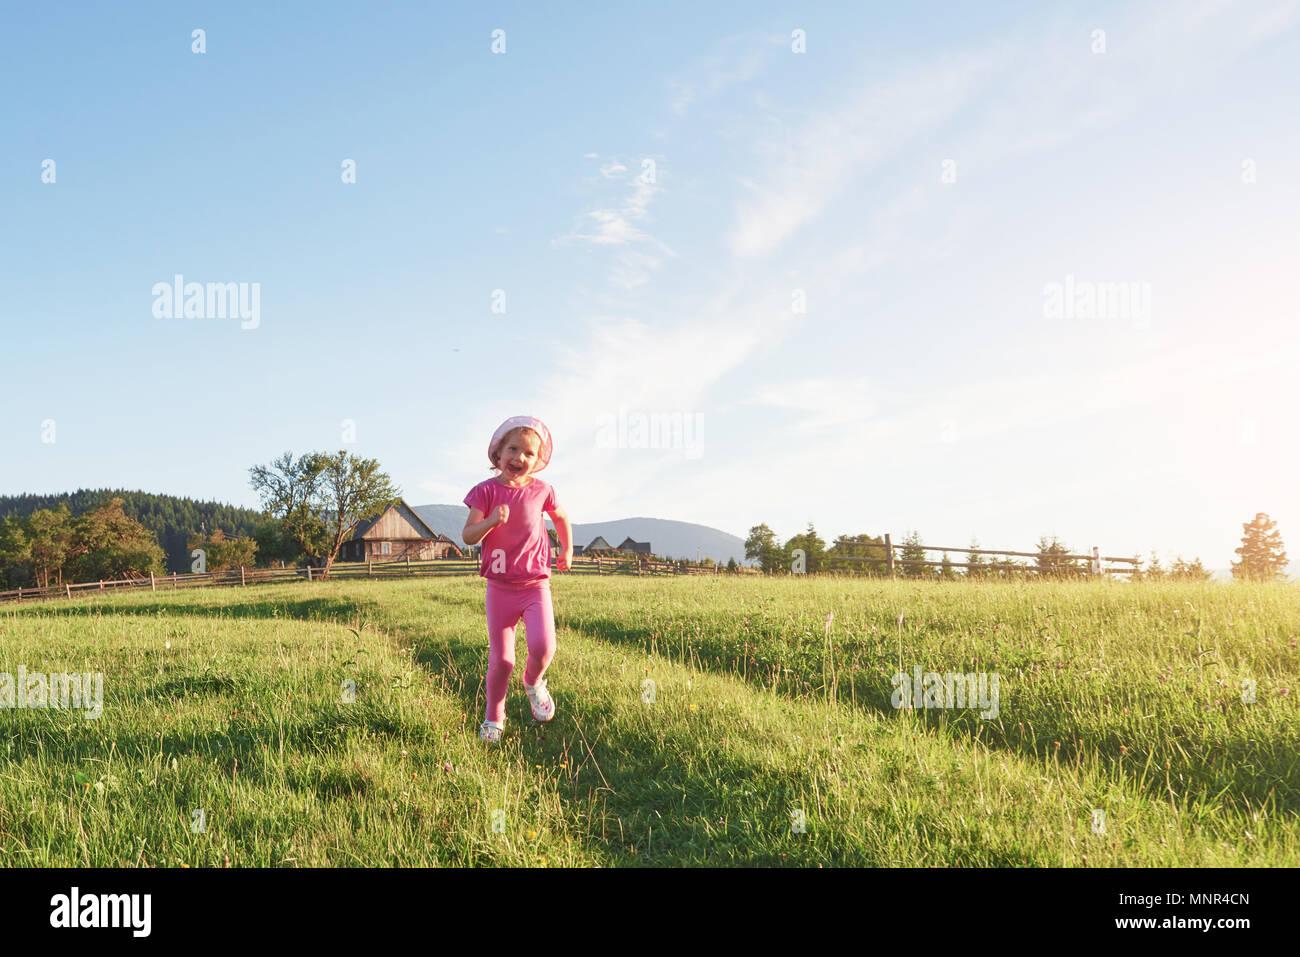 Carino piccolo felice bambina giocare all'aperto al mattino presto nel prato e ammirando vista montagne. Copia dello spazio per il testo Immagini Stock